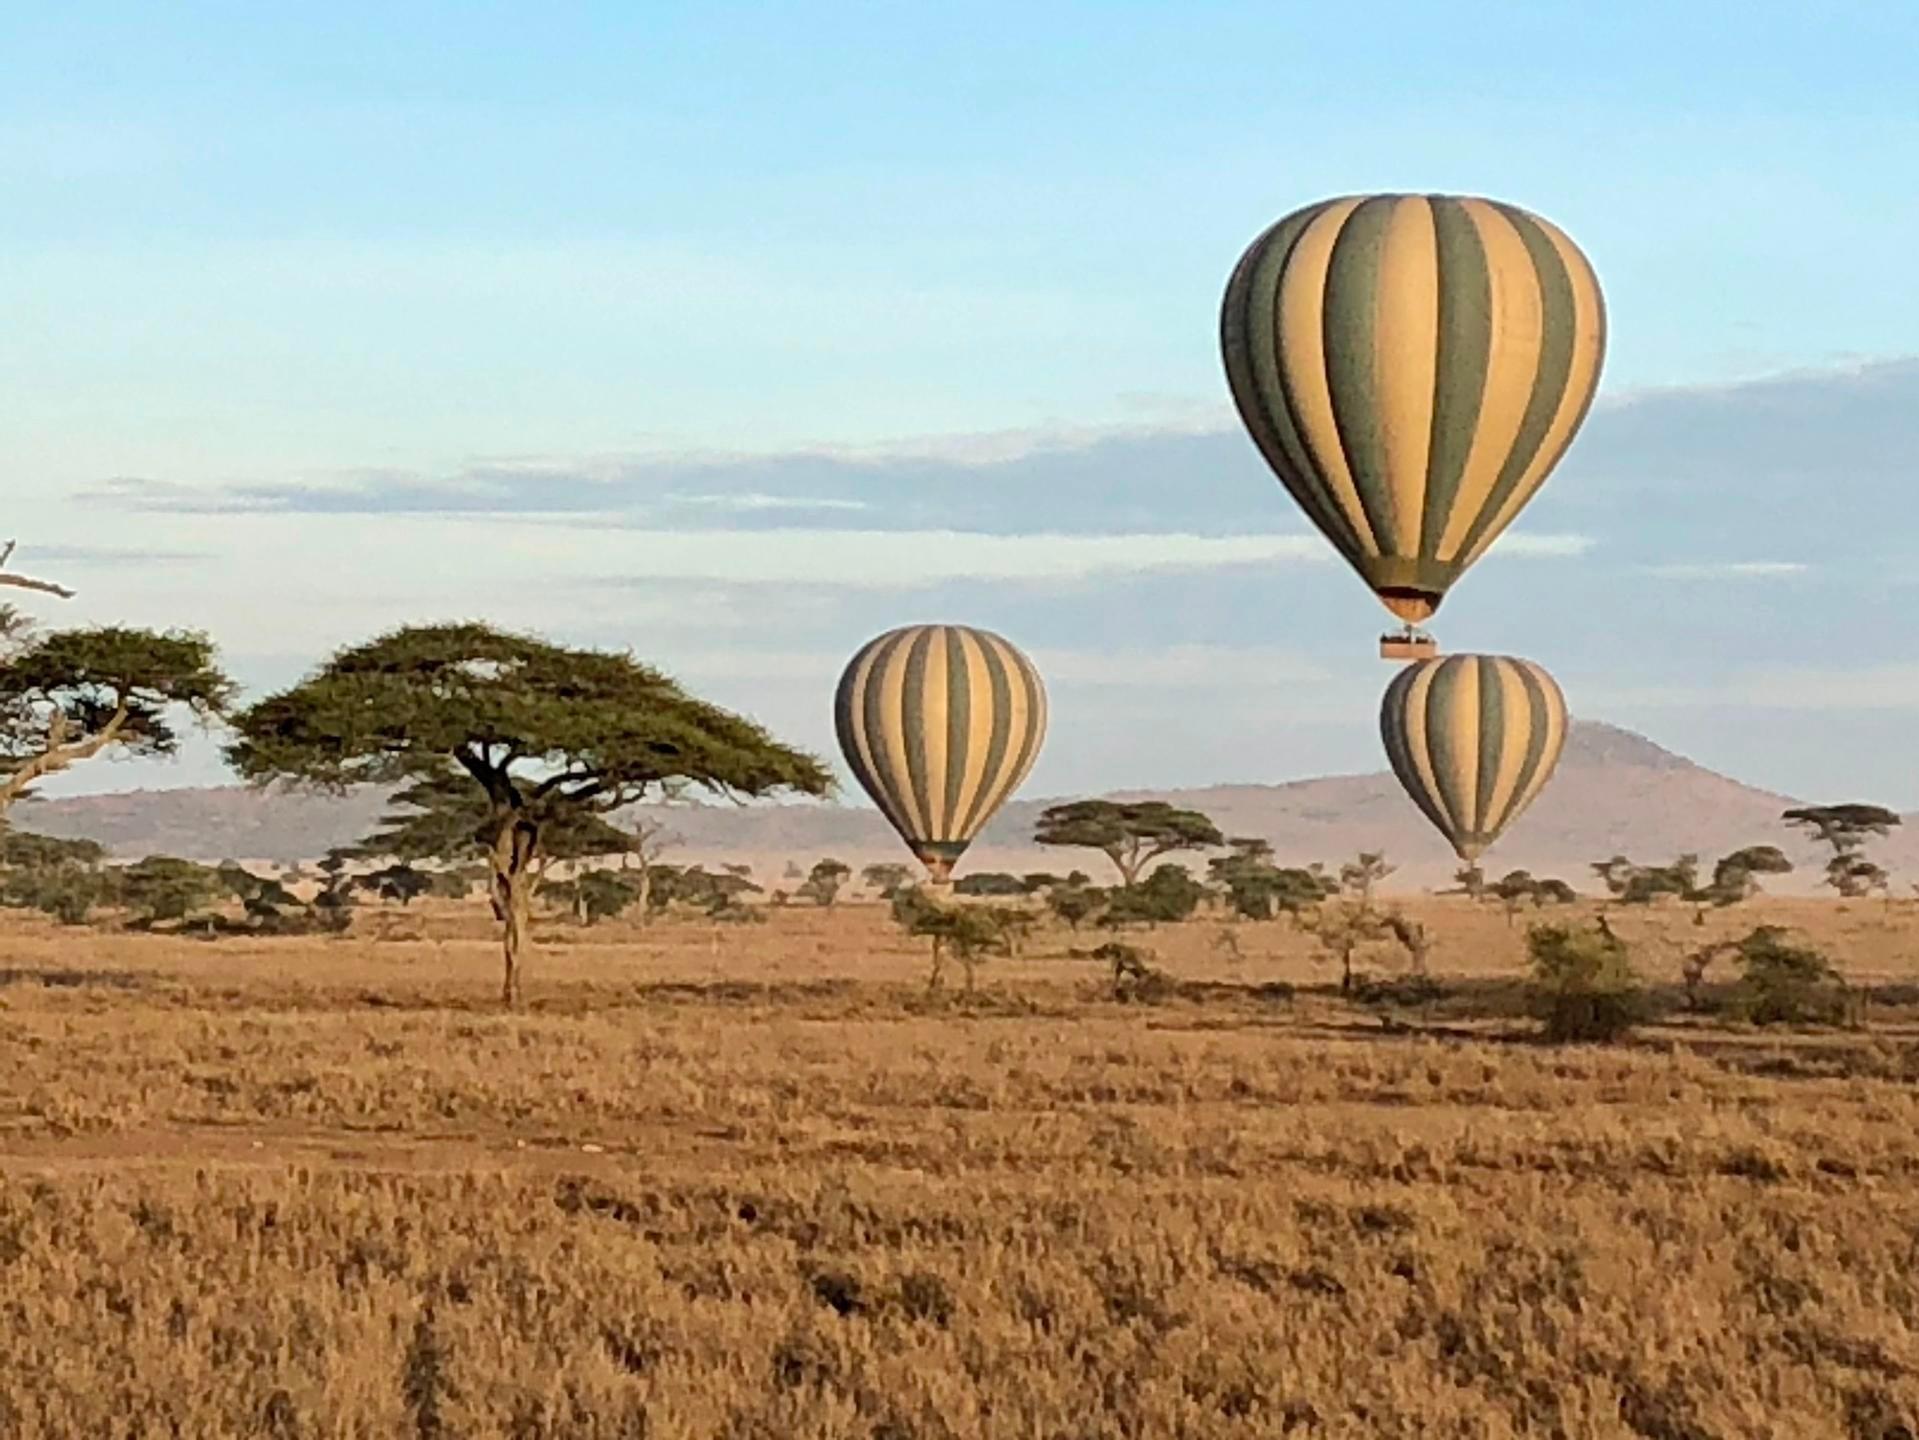 hot air balloons over the Serengeti